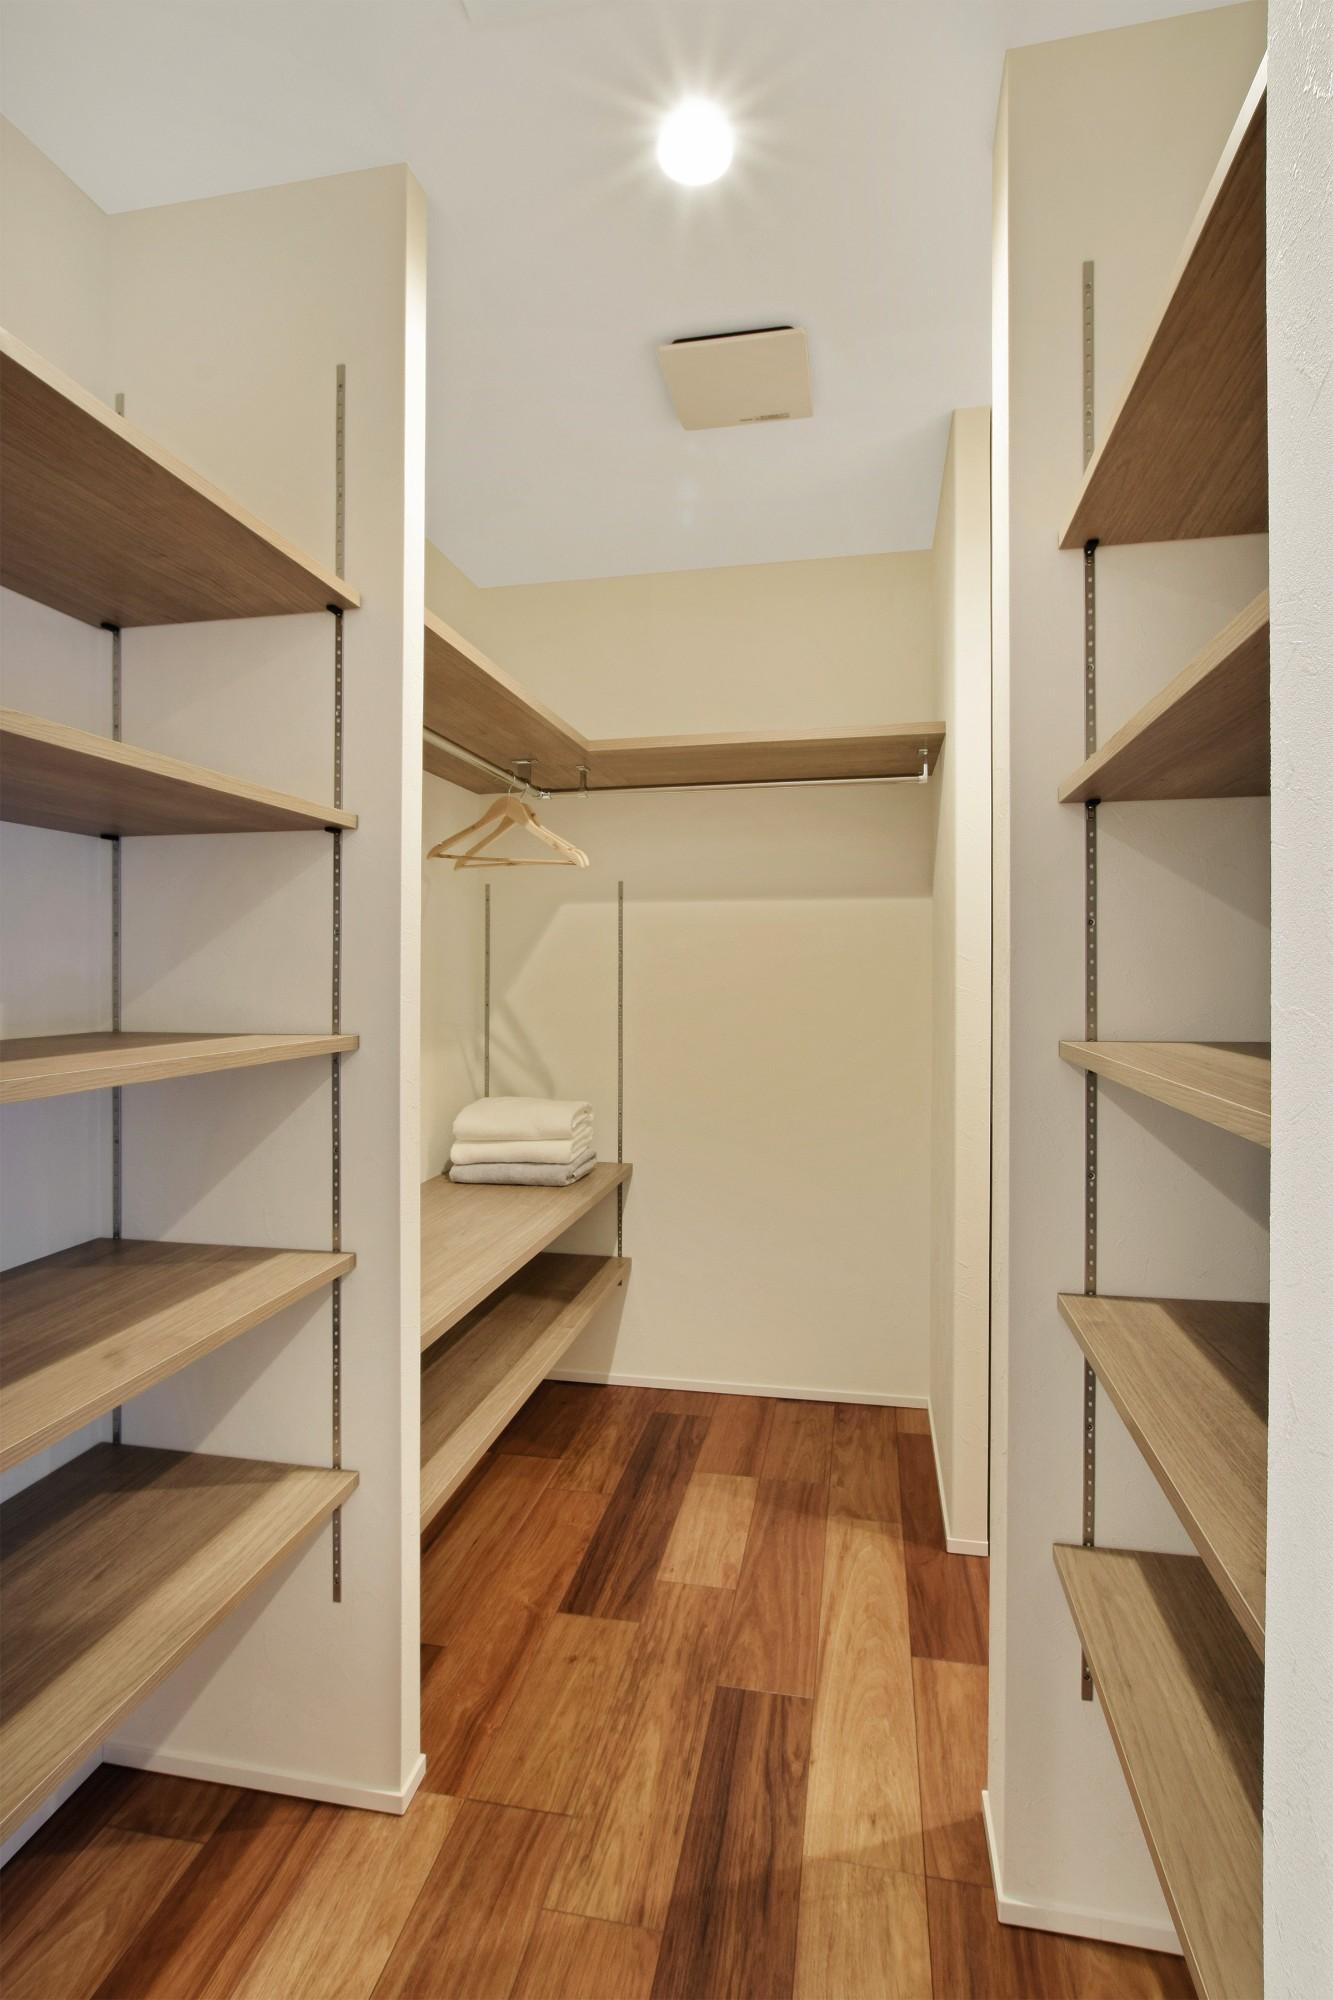 DETAIL HOME(ディテールホーム)「モールテックスキッチンとインテリアにこだわった住まい」のシンプル・ナチュラルな収納スペースの実例写真